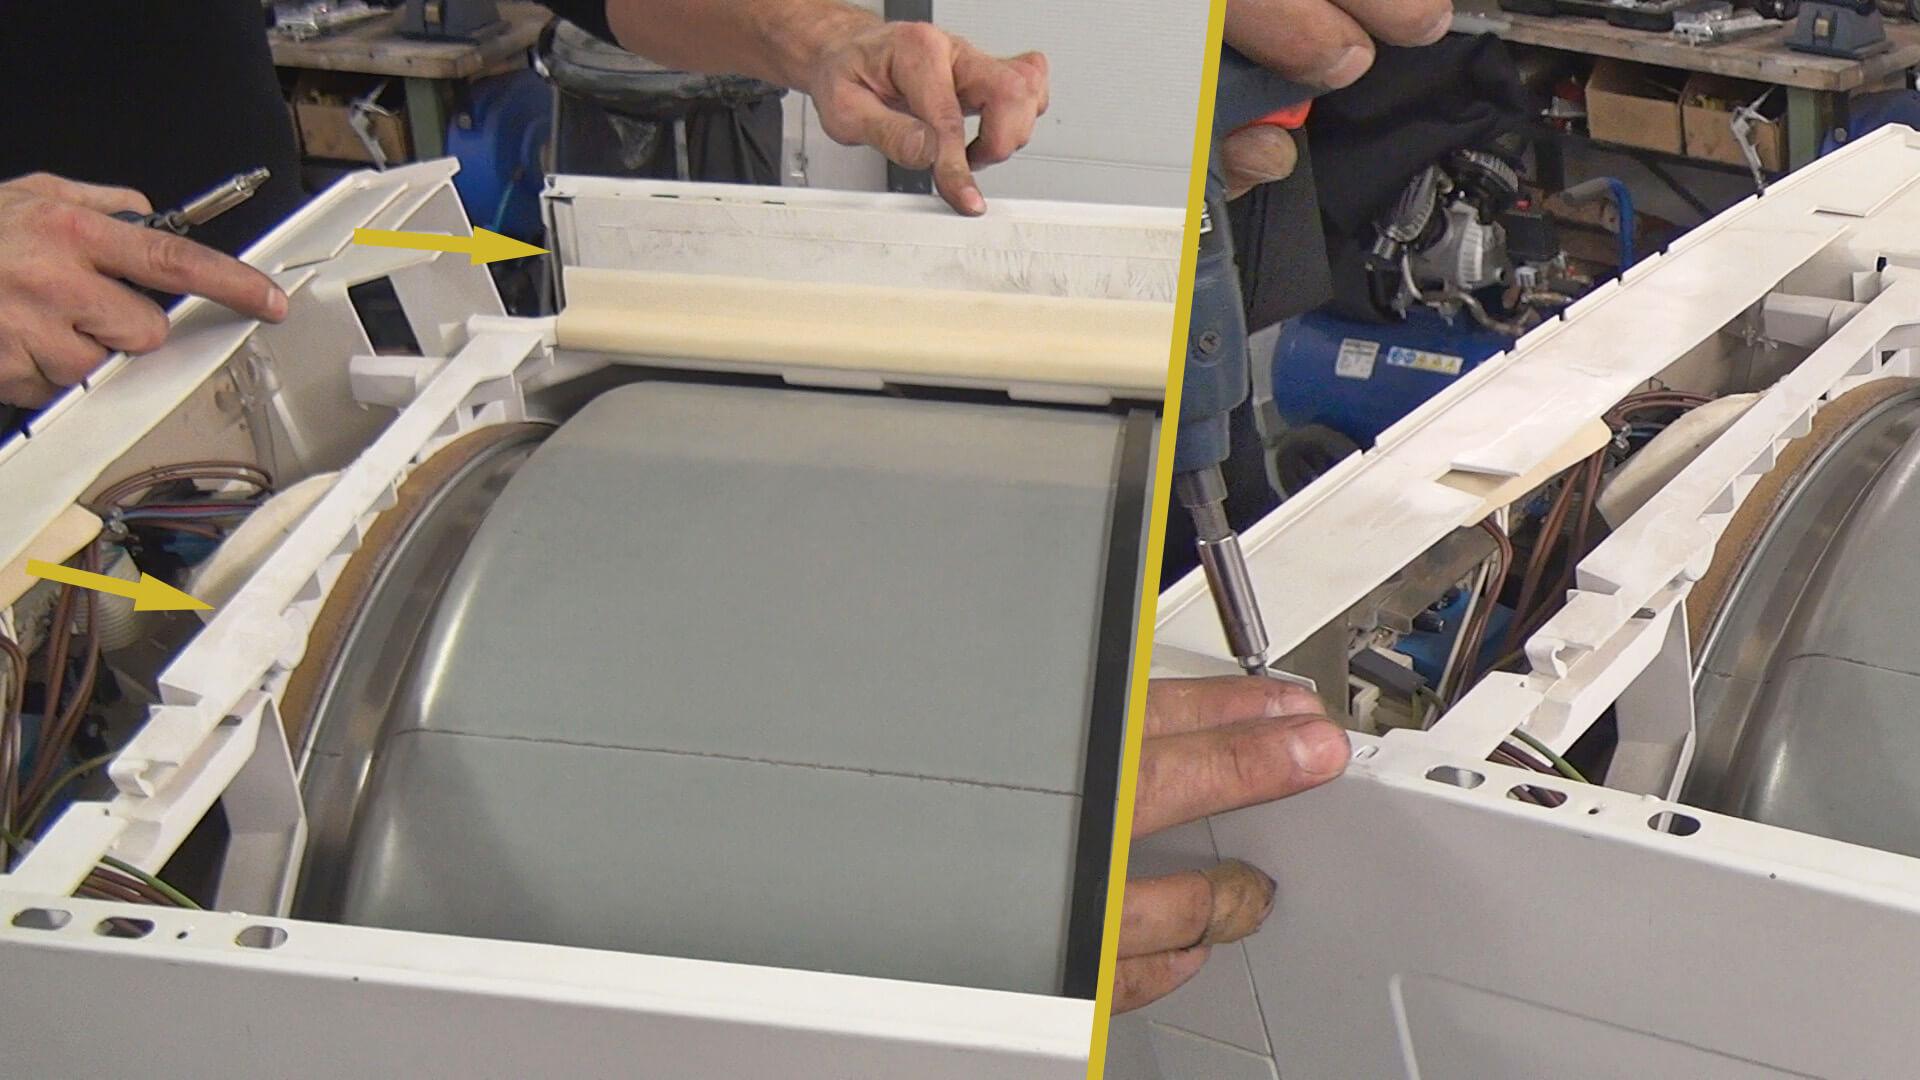 Wasserbehälteraufnahme ausrichten und Bedienelement verschrauben